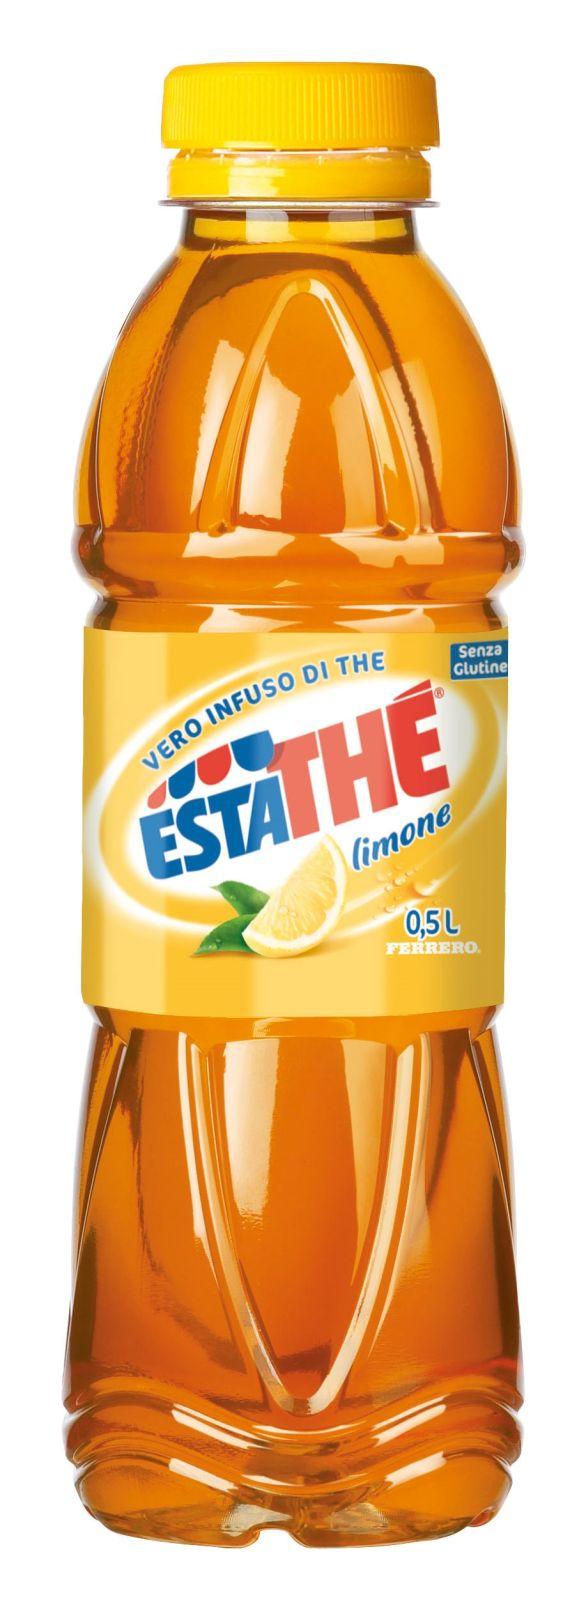 Estathe al limone da Lt.1,5. Confezione: Lt.1,5.